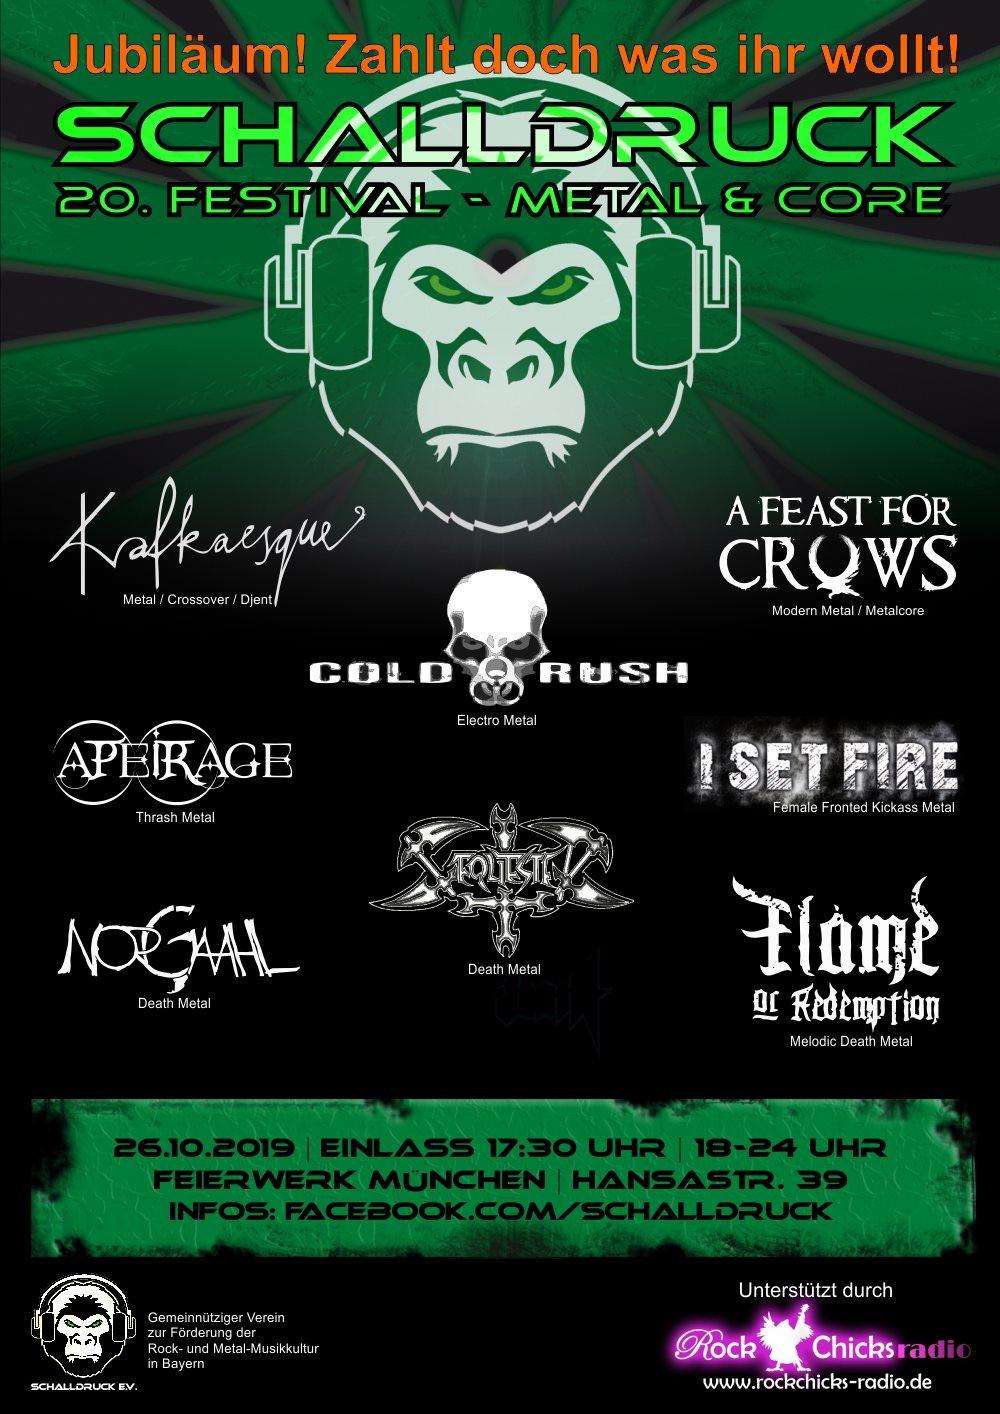 20-schalldruck-festival-metal-core-am-26-oktober-im-feierwerk-in-muenchen